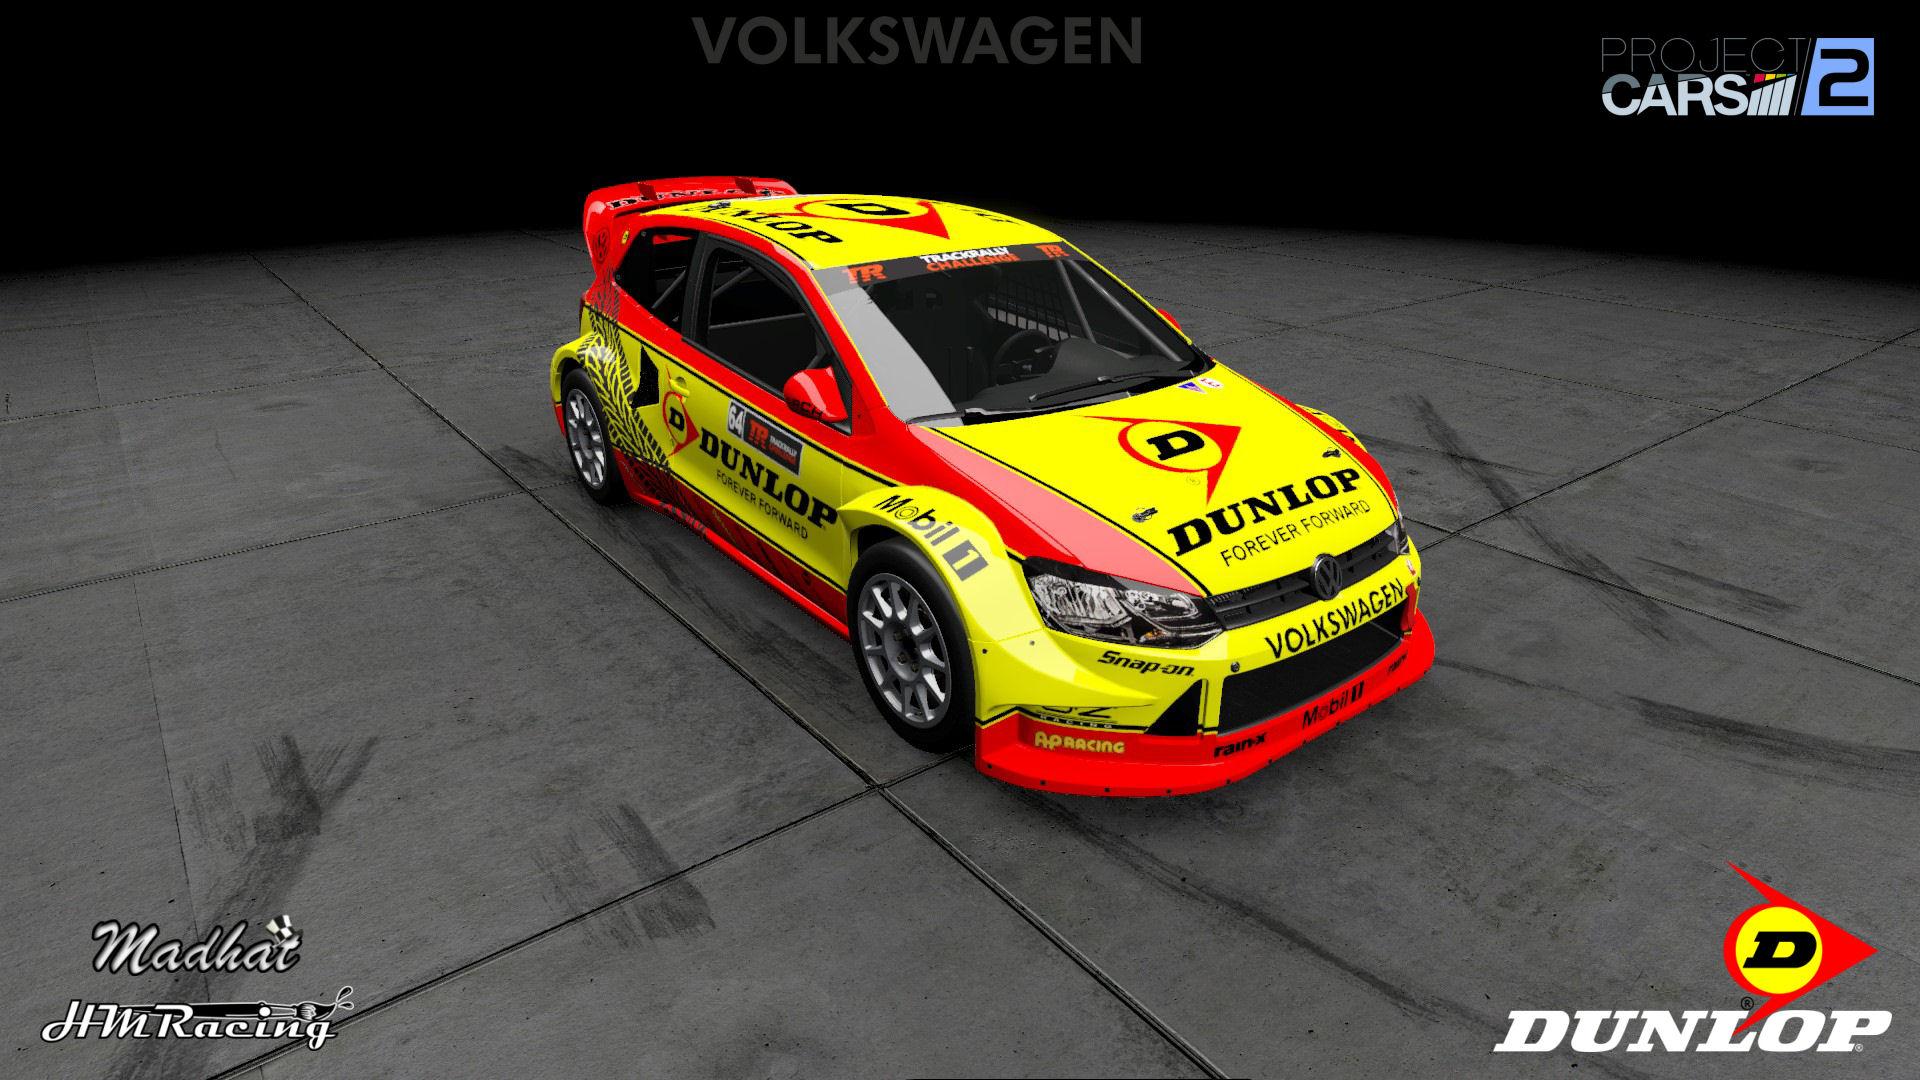 Dunlop VW Polo RX 01.jpg